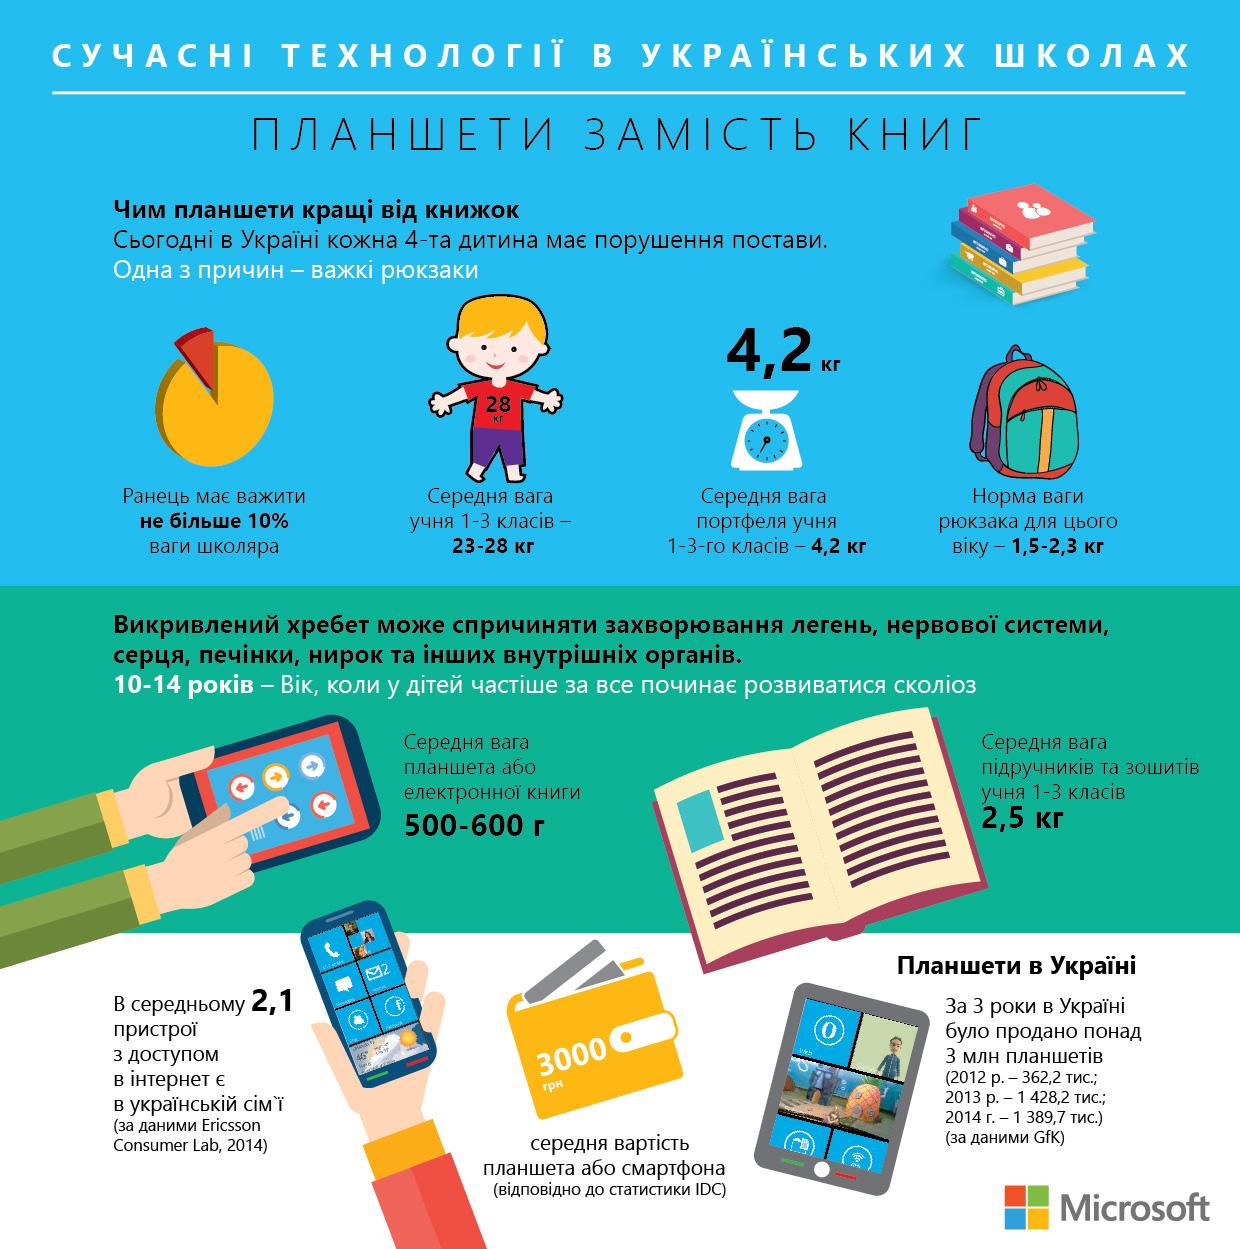 Электронные учебники 4 класс украинской школы скачать бесплатно